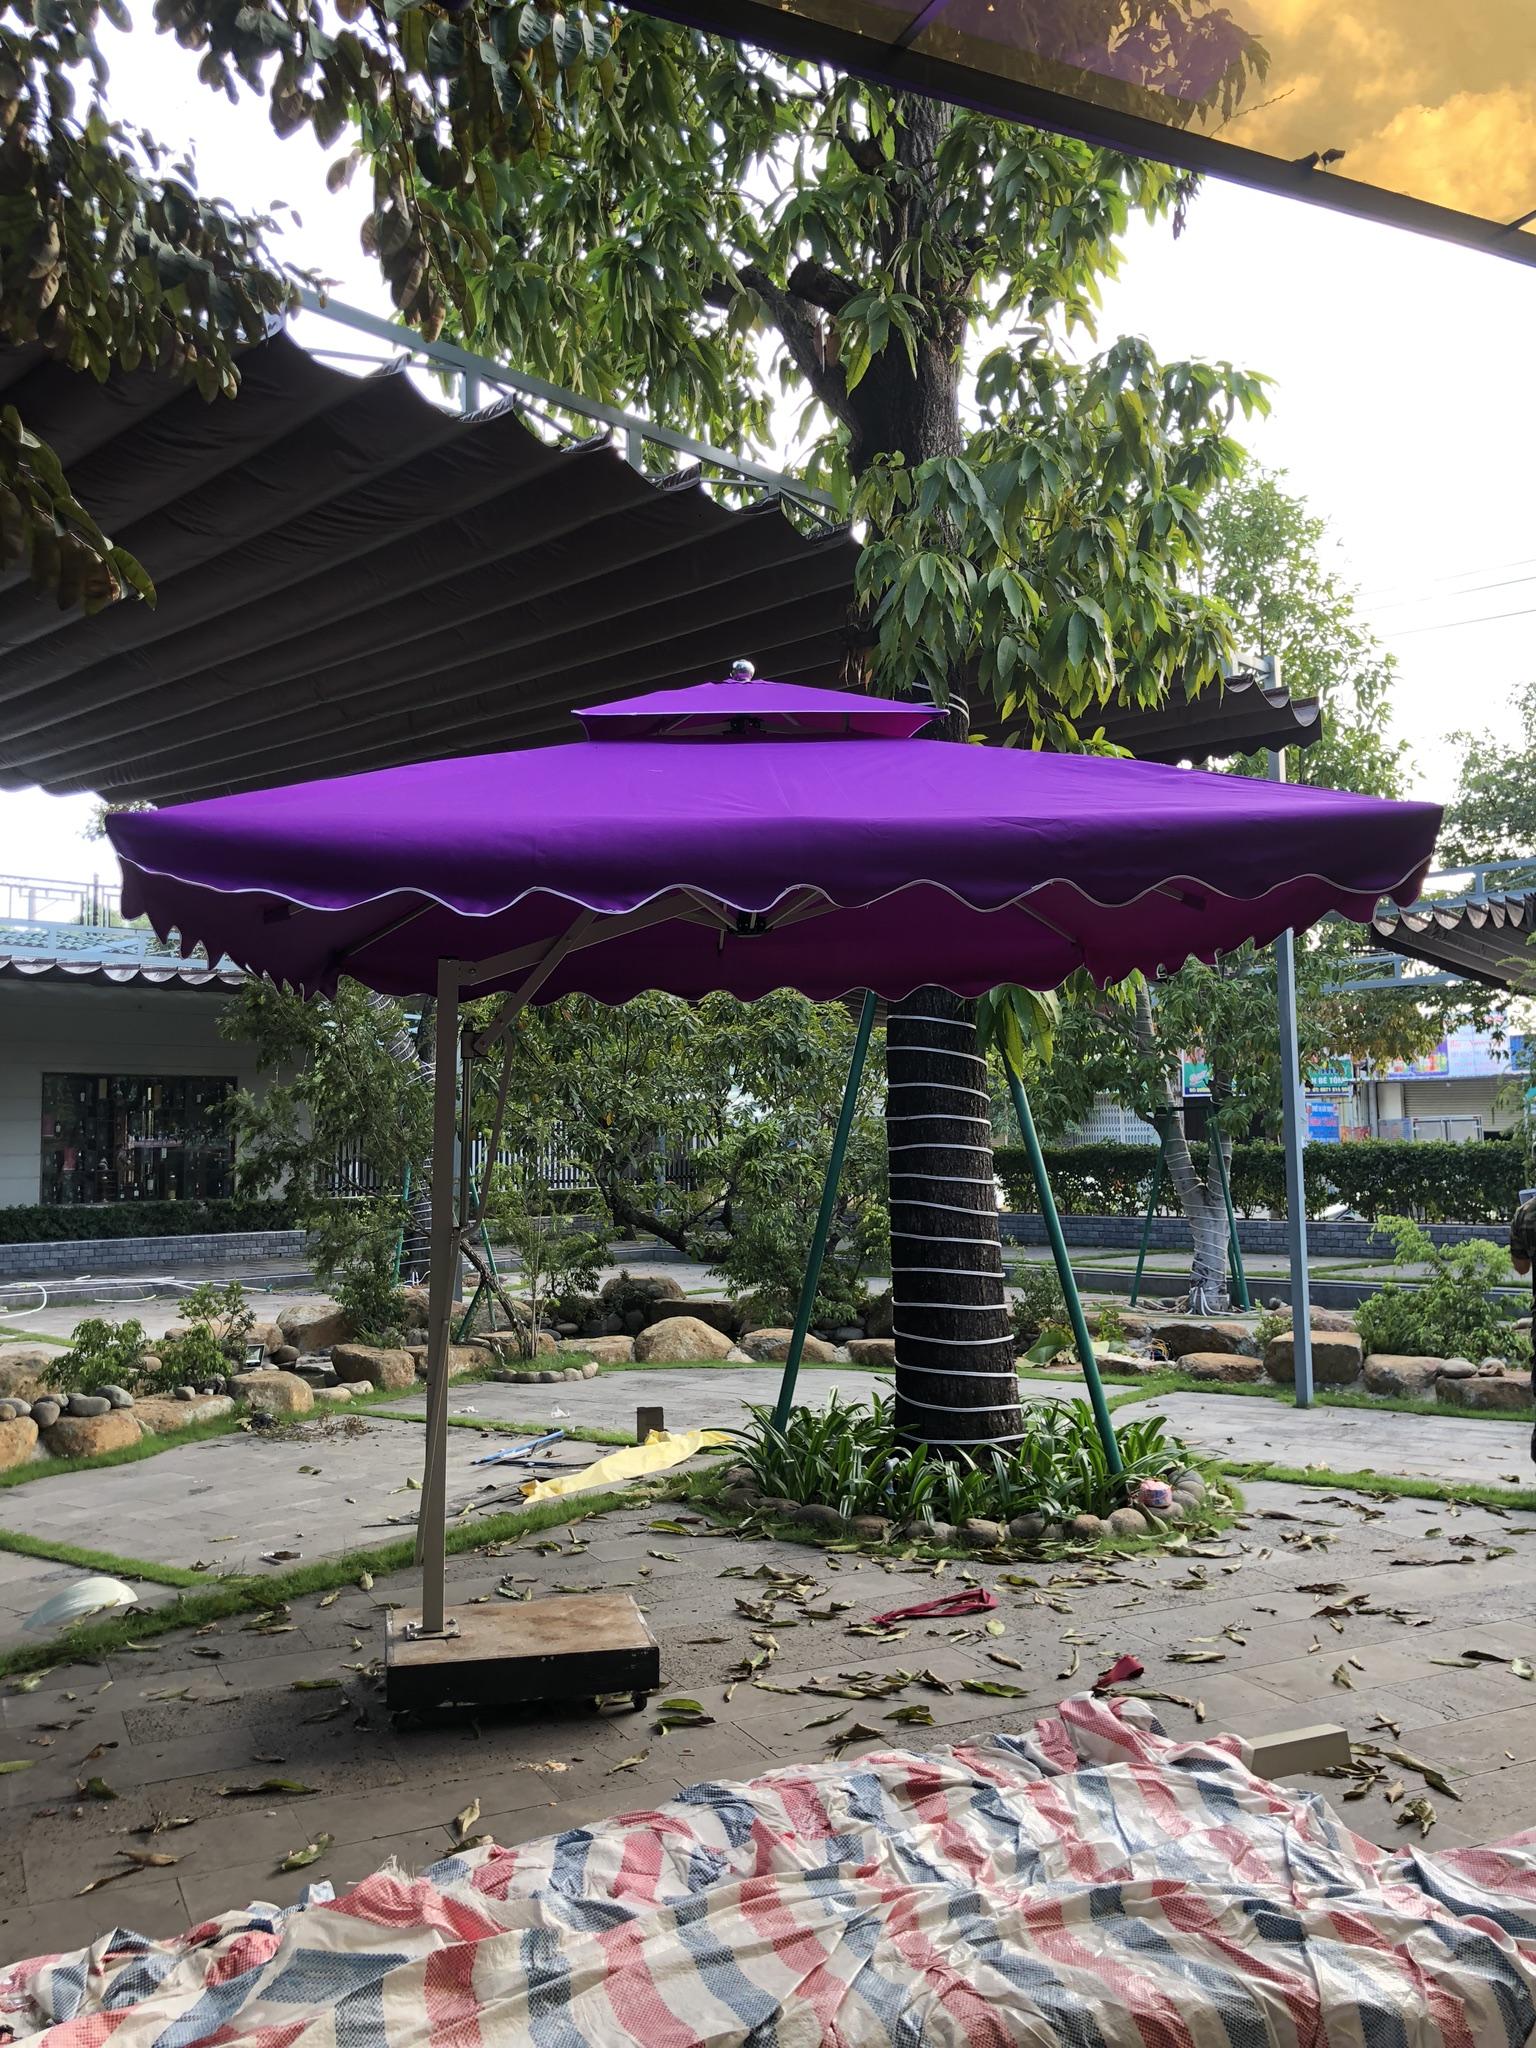 Tìm quán cafe, quán nhậu để hợp tác - Nội thất Nguyễn Hoàng